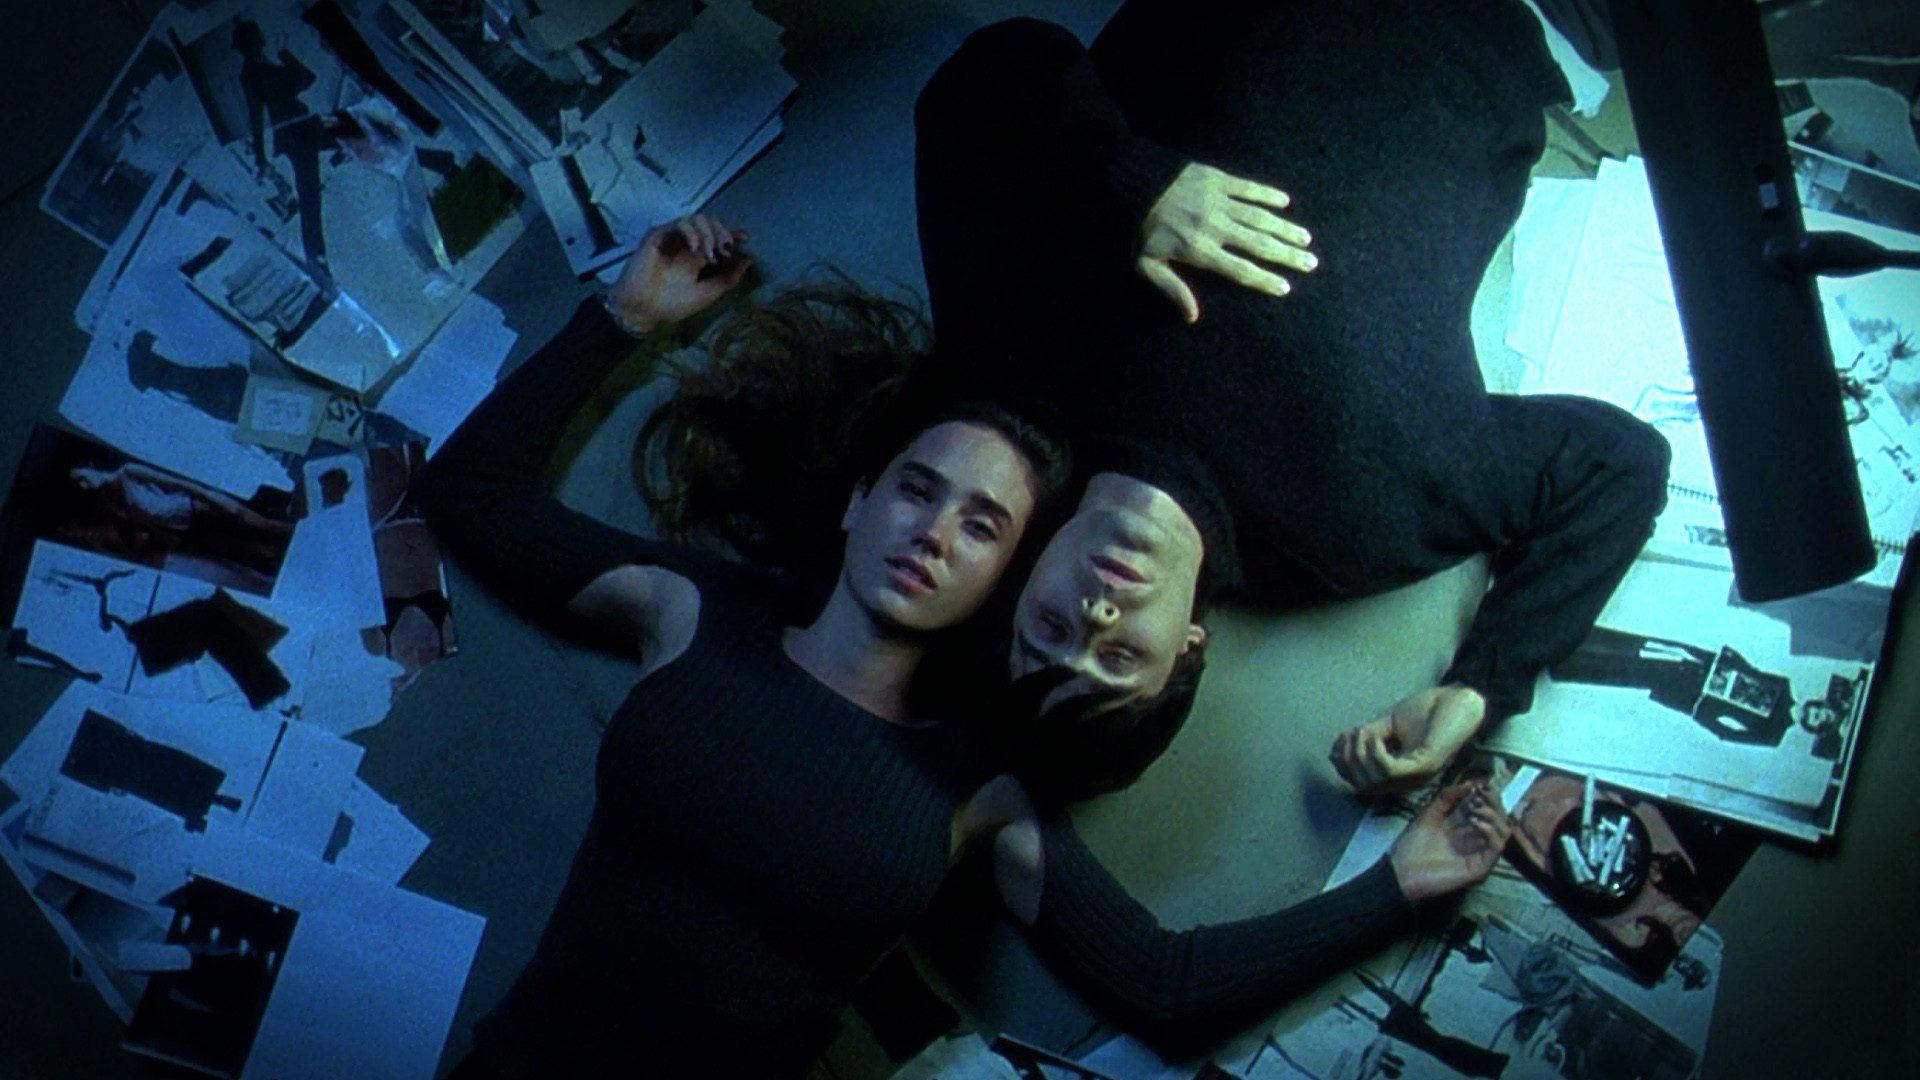 Film : Requiem for a Dream